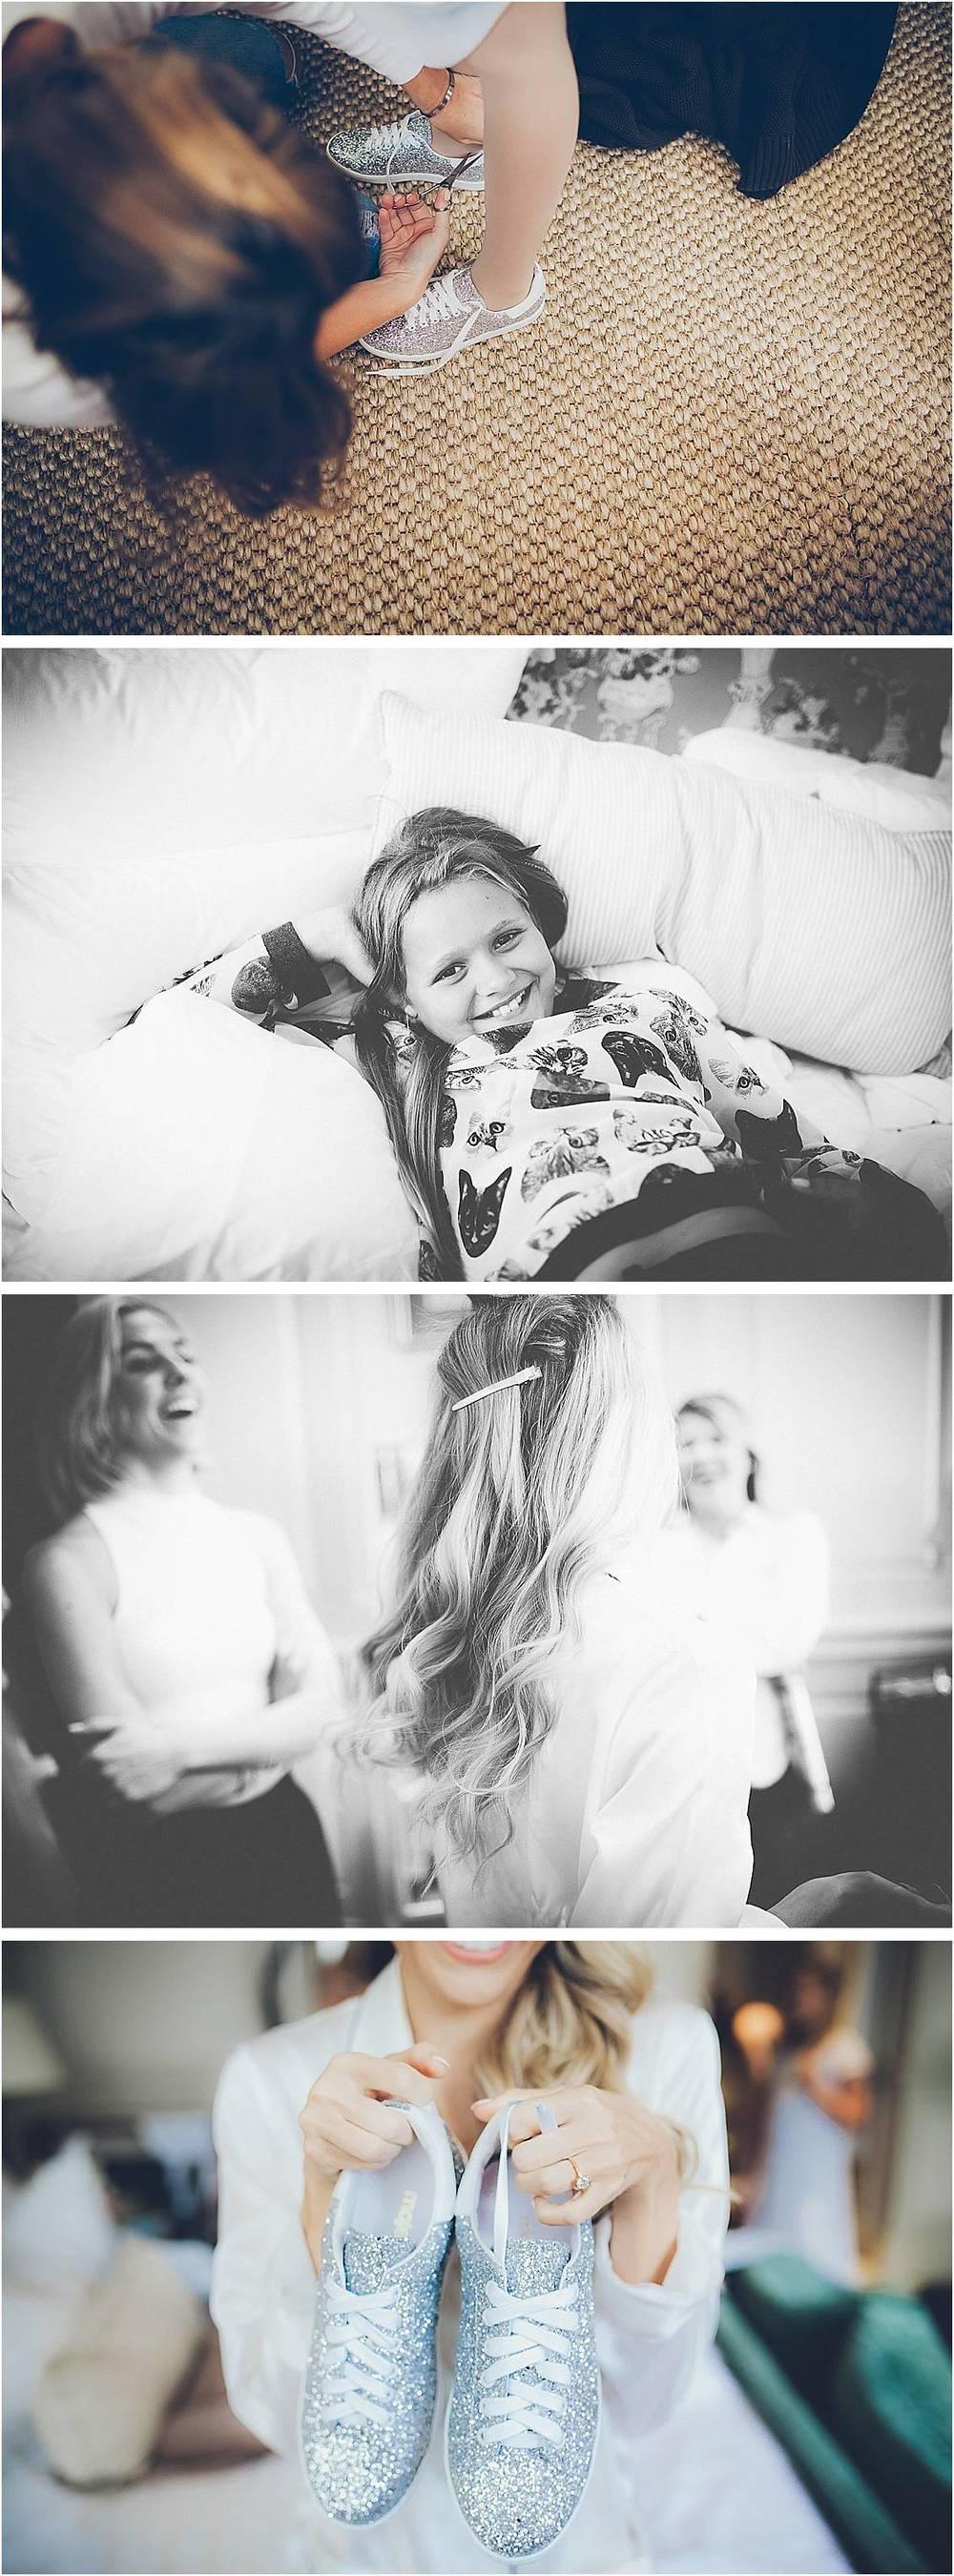 Boud_FionaclairPhotography_OneMarlyebone_Blog-50.jpg